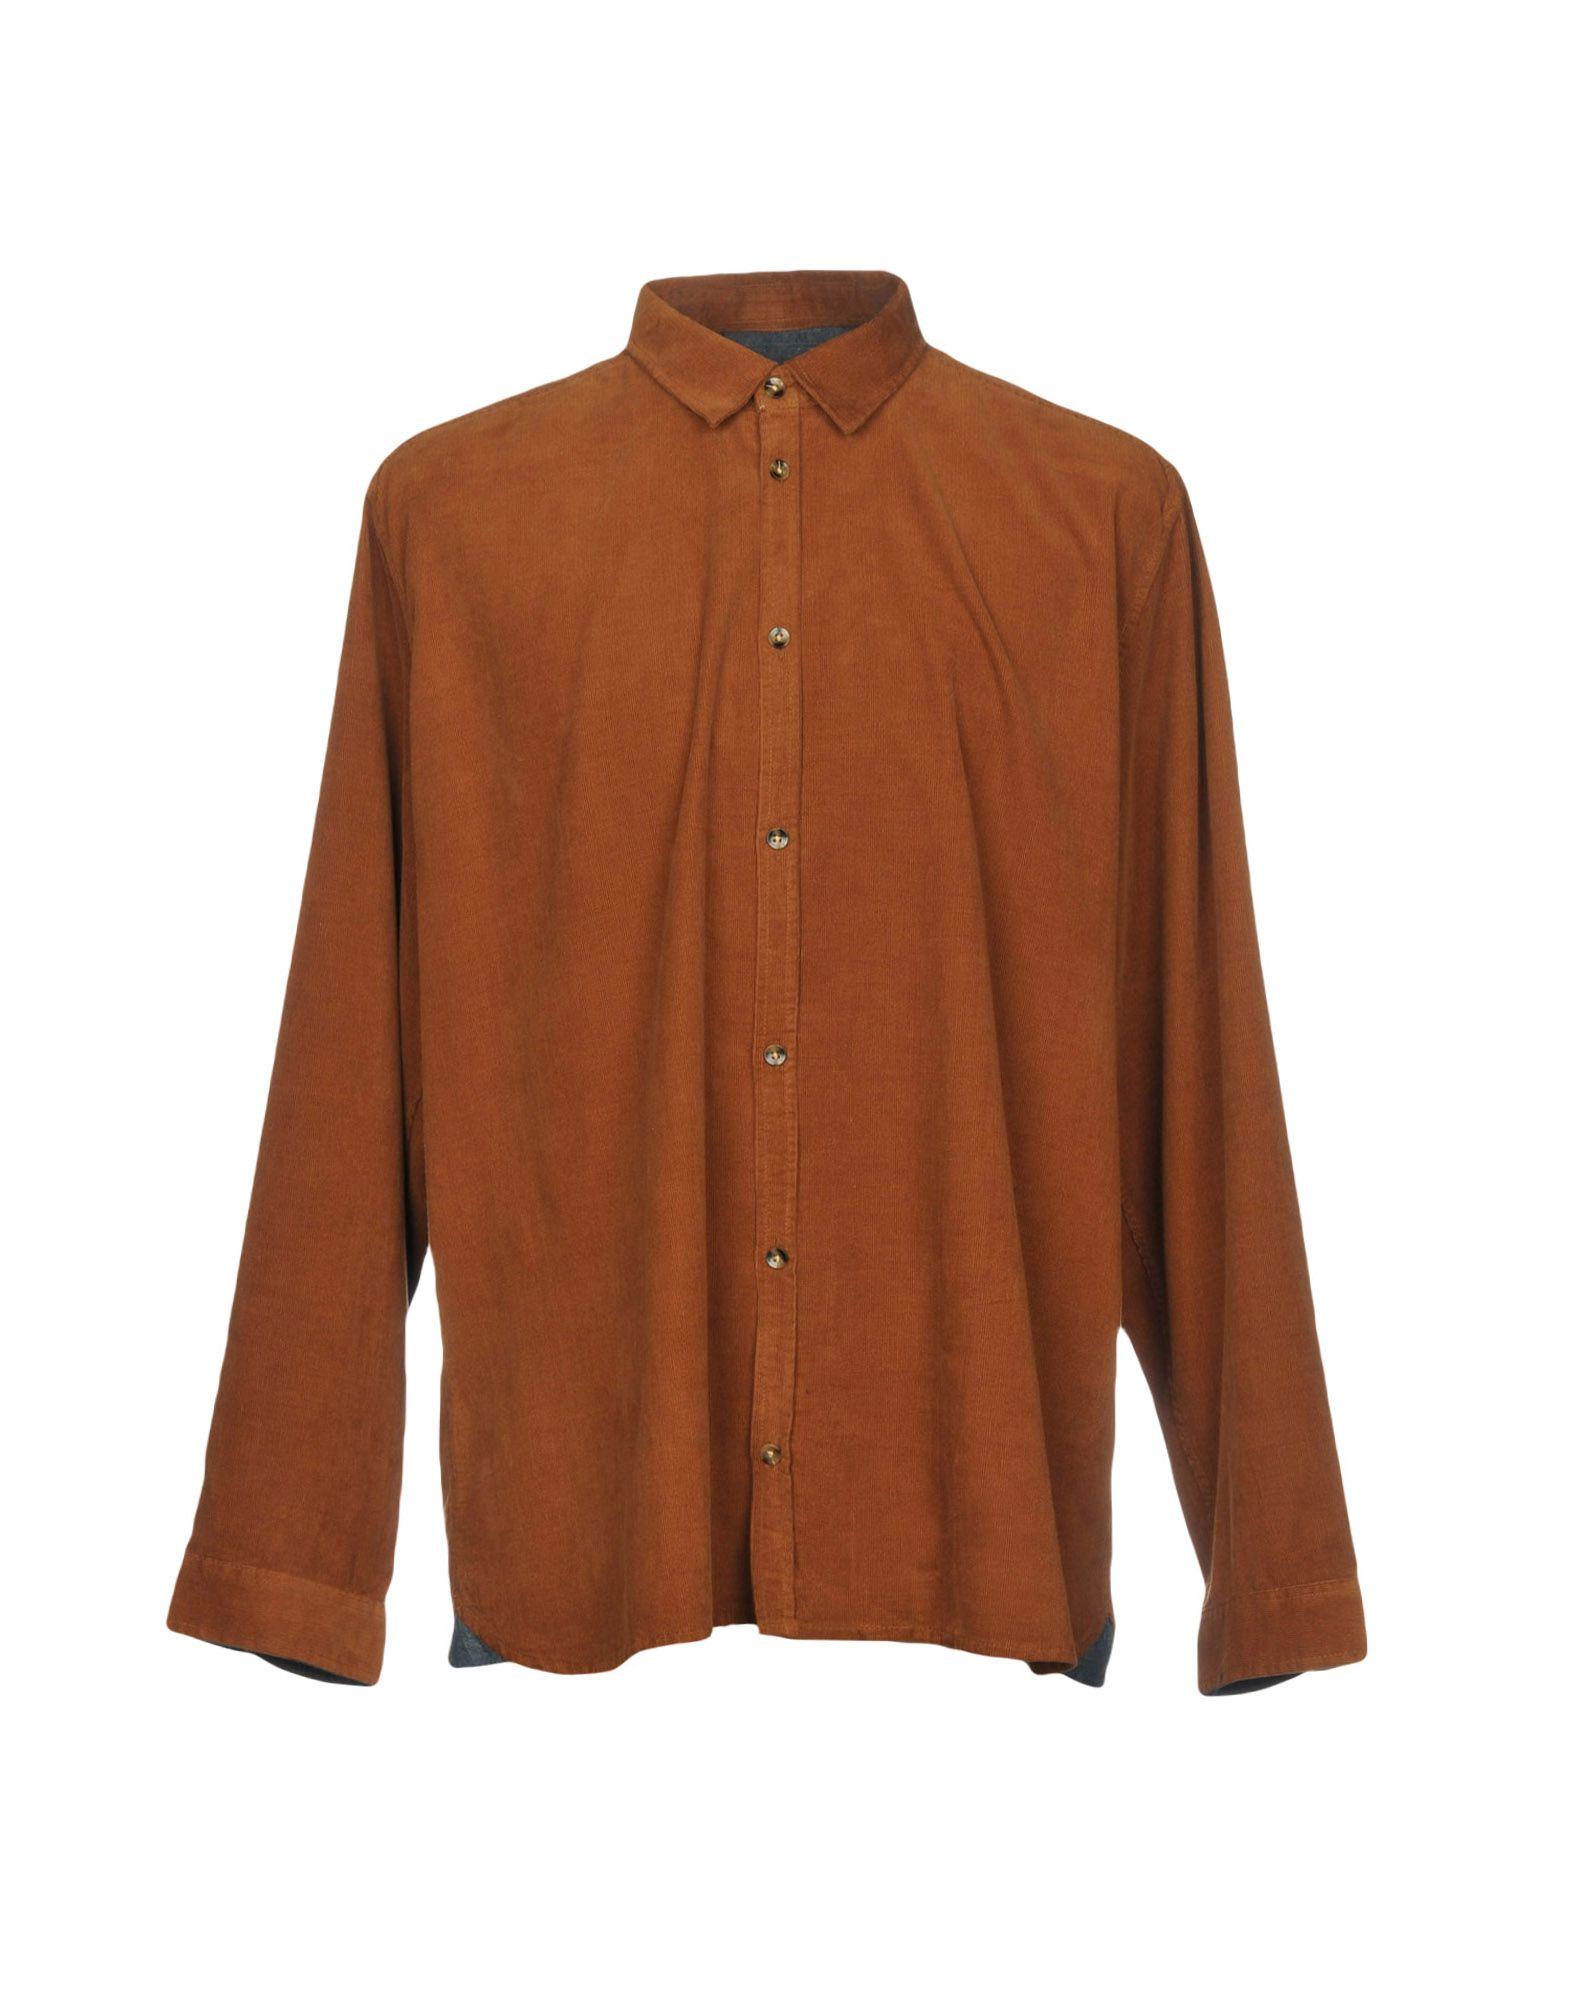 《送料無料》SUIT メンズ シャツ ブラウン S コットン 100%